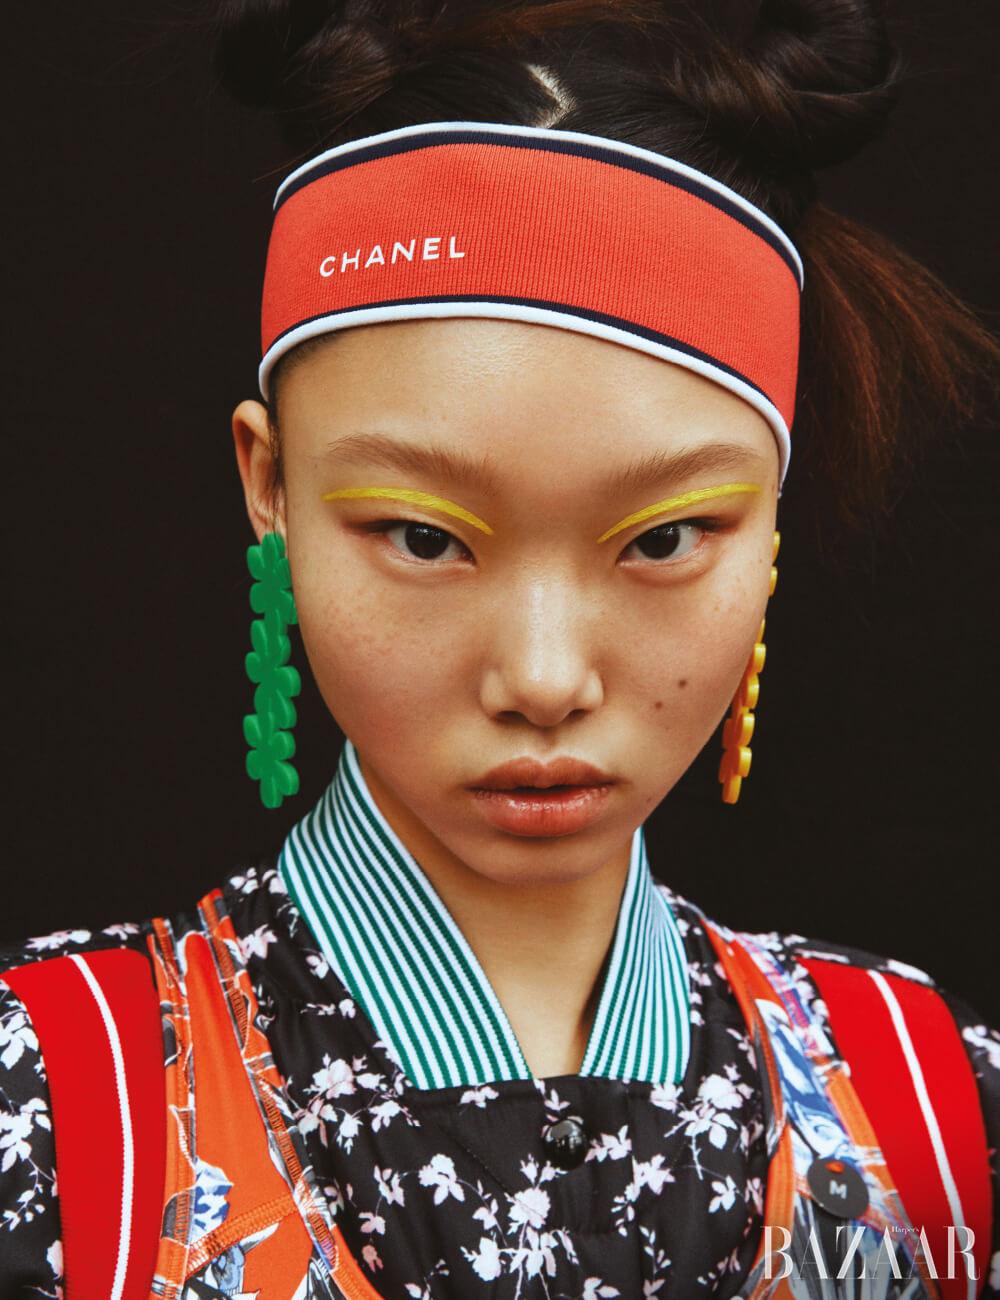 브라 톱은 3만9천원 Nike, 블루종은 1백65만원 N°21, 헤어밴드는 Chanel, 귀고리는 6만2천원 Fruta.